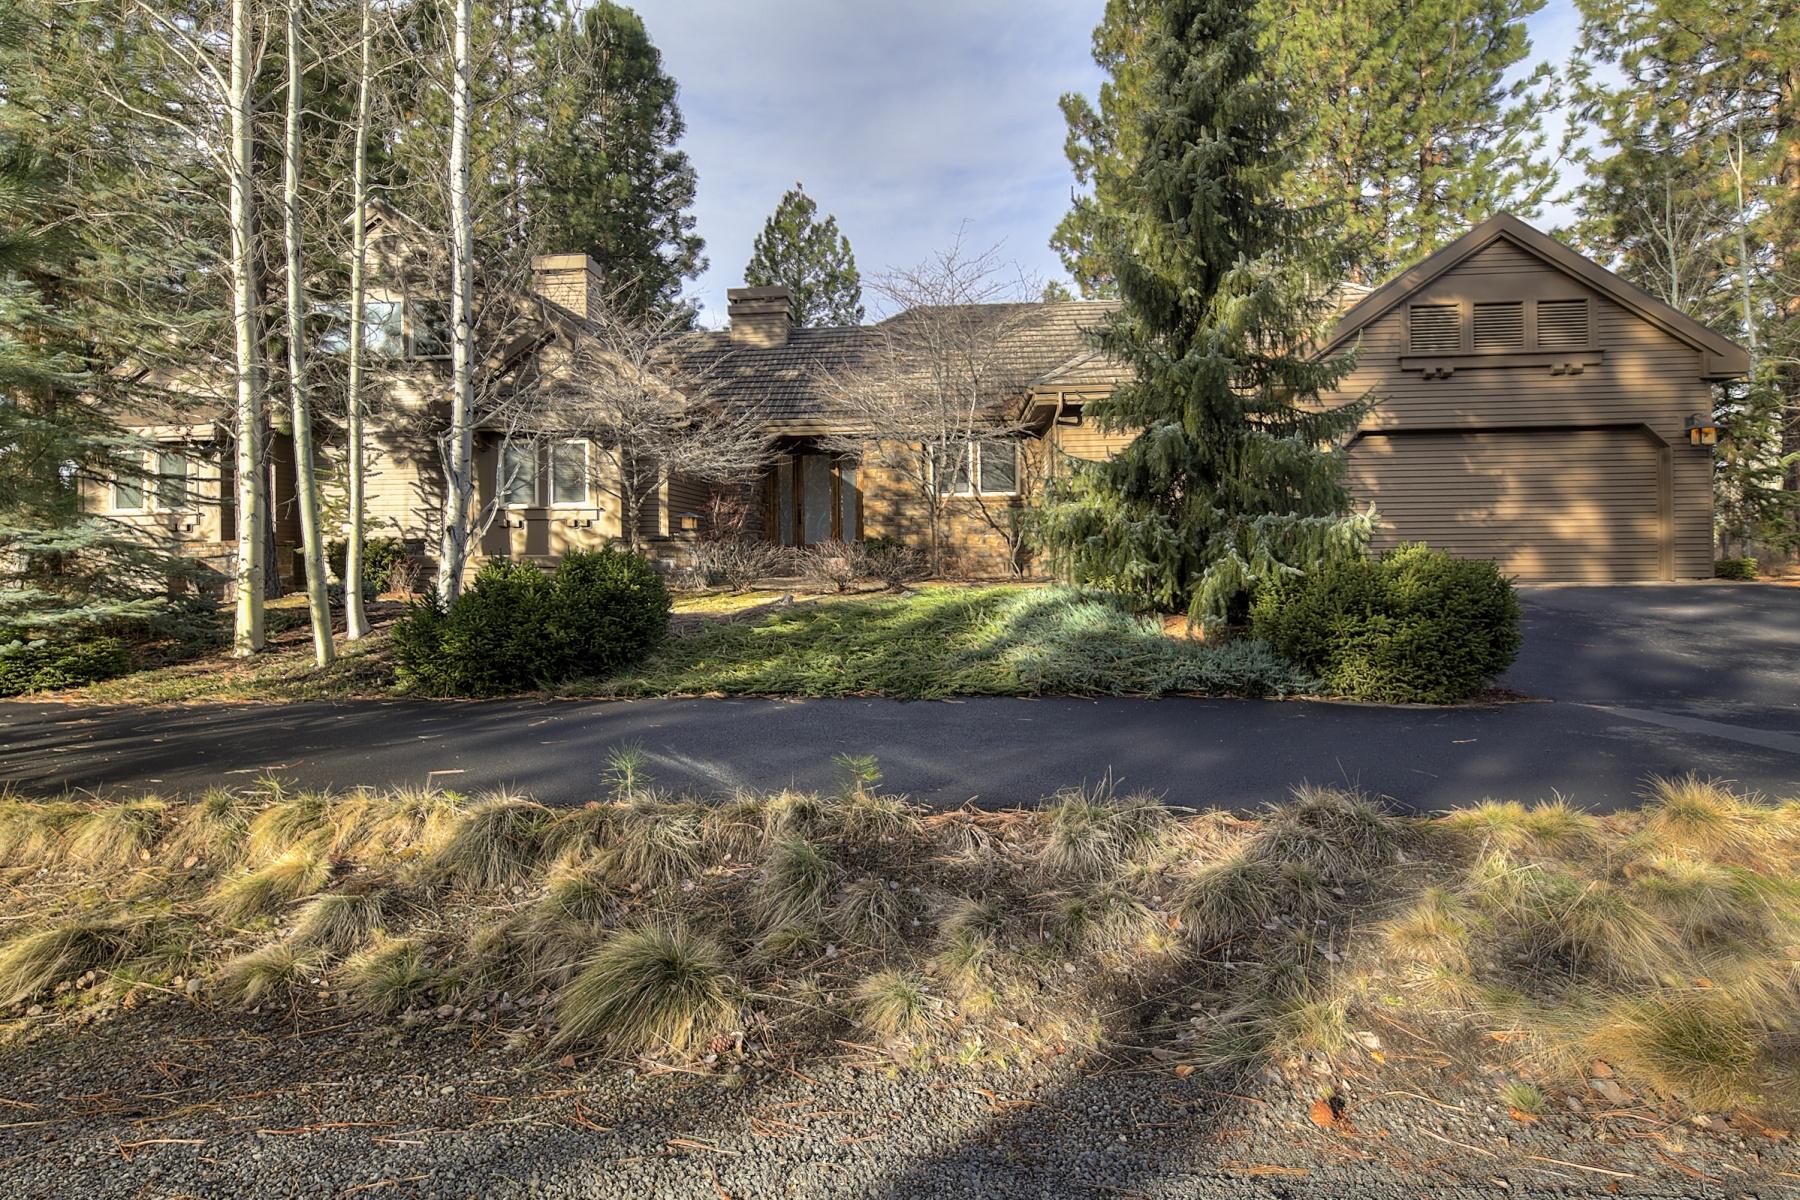 独户住宅 为 销售 在 Broken Top 61355 Tam McArthur Loop Bend, 俄勒冈州 97702 美国